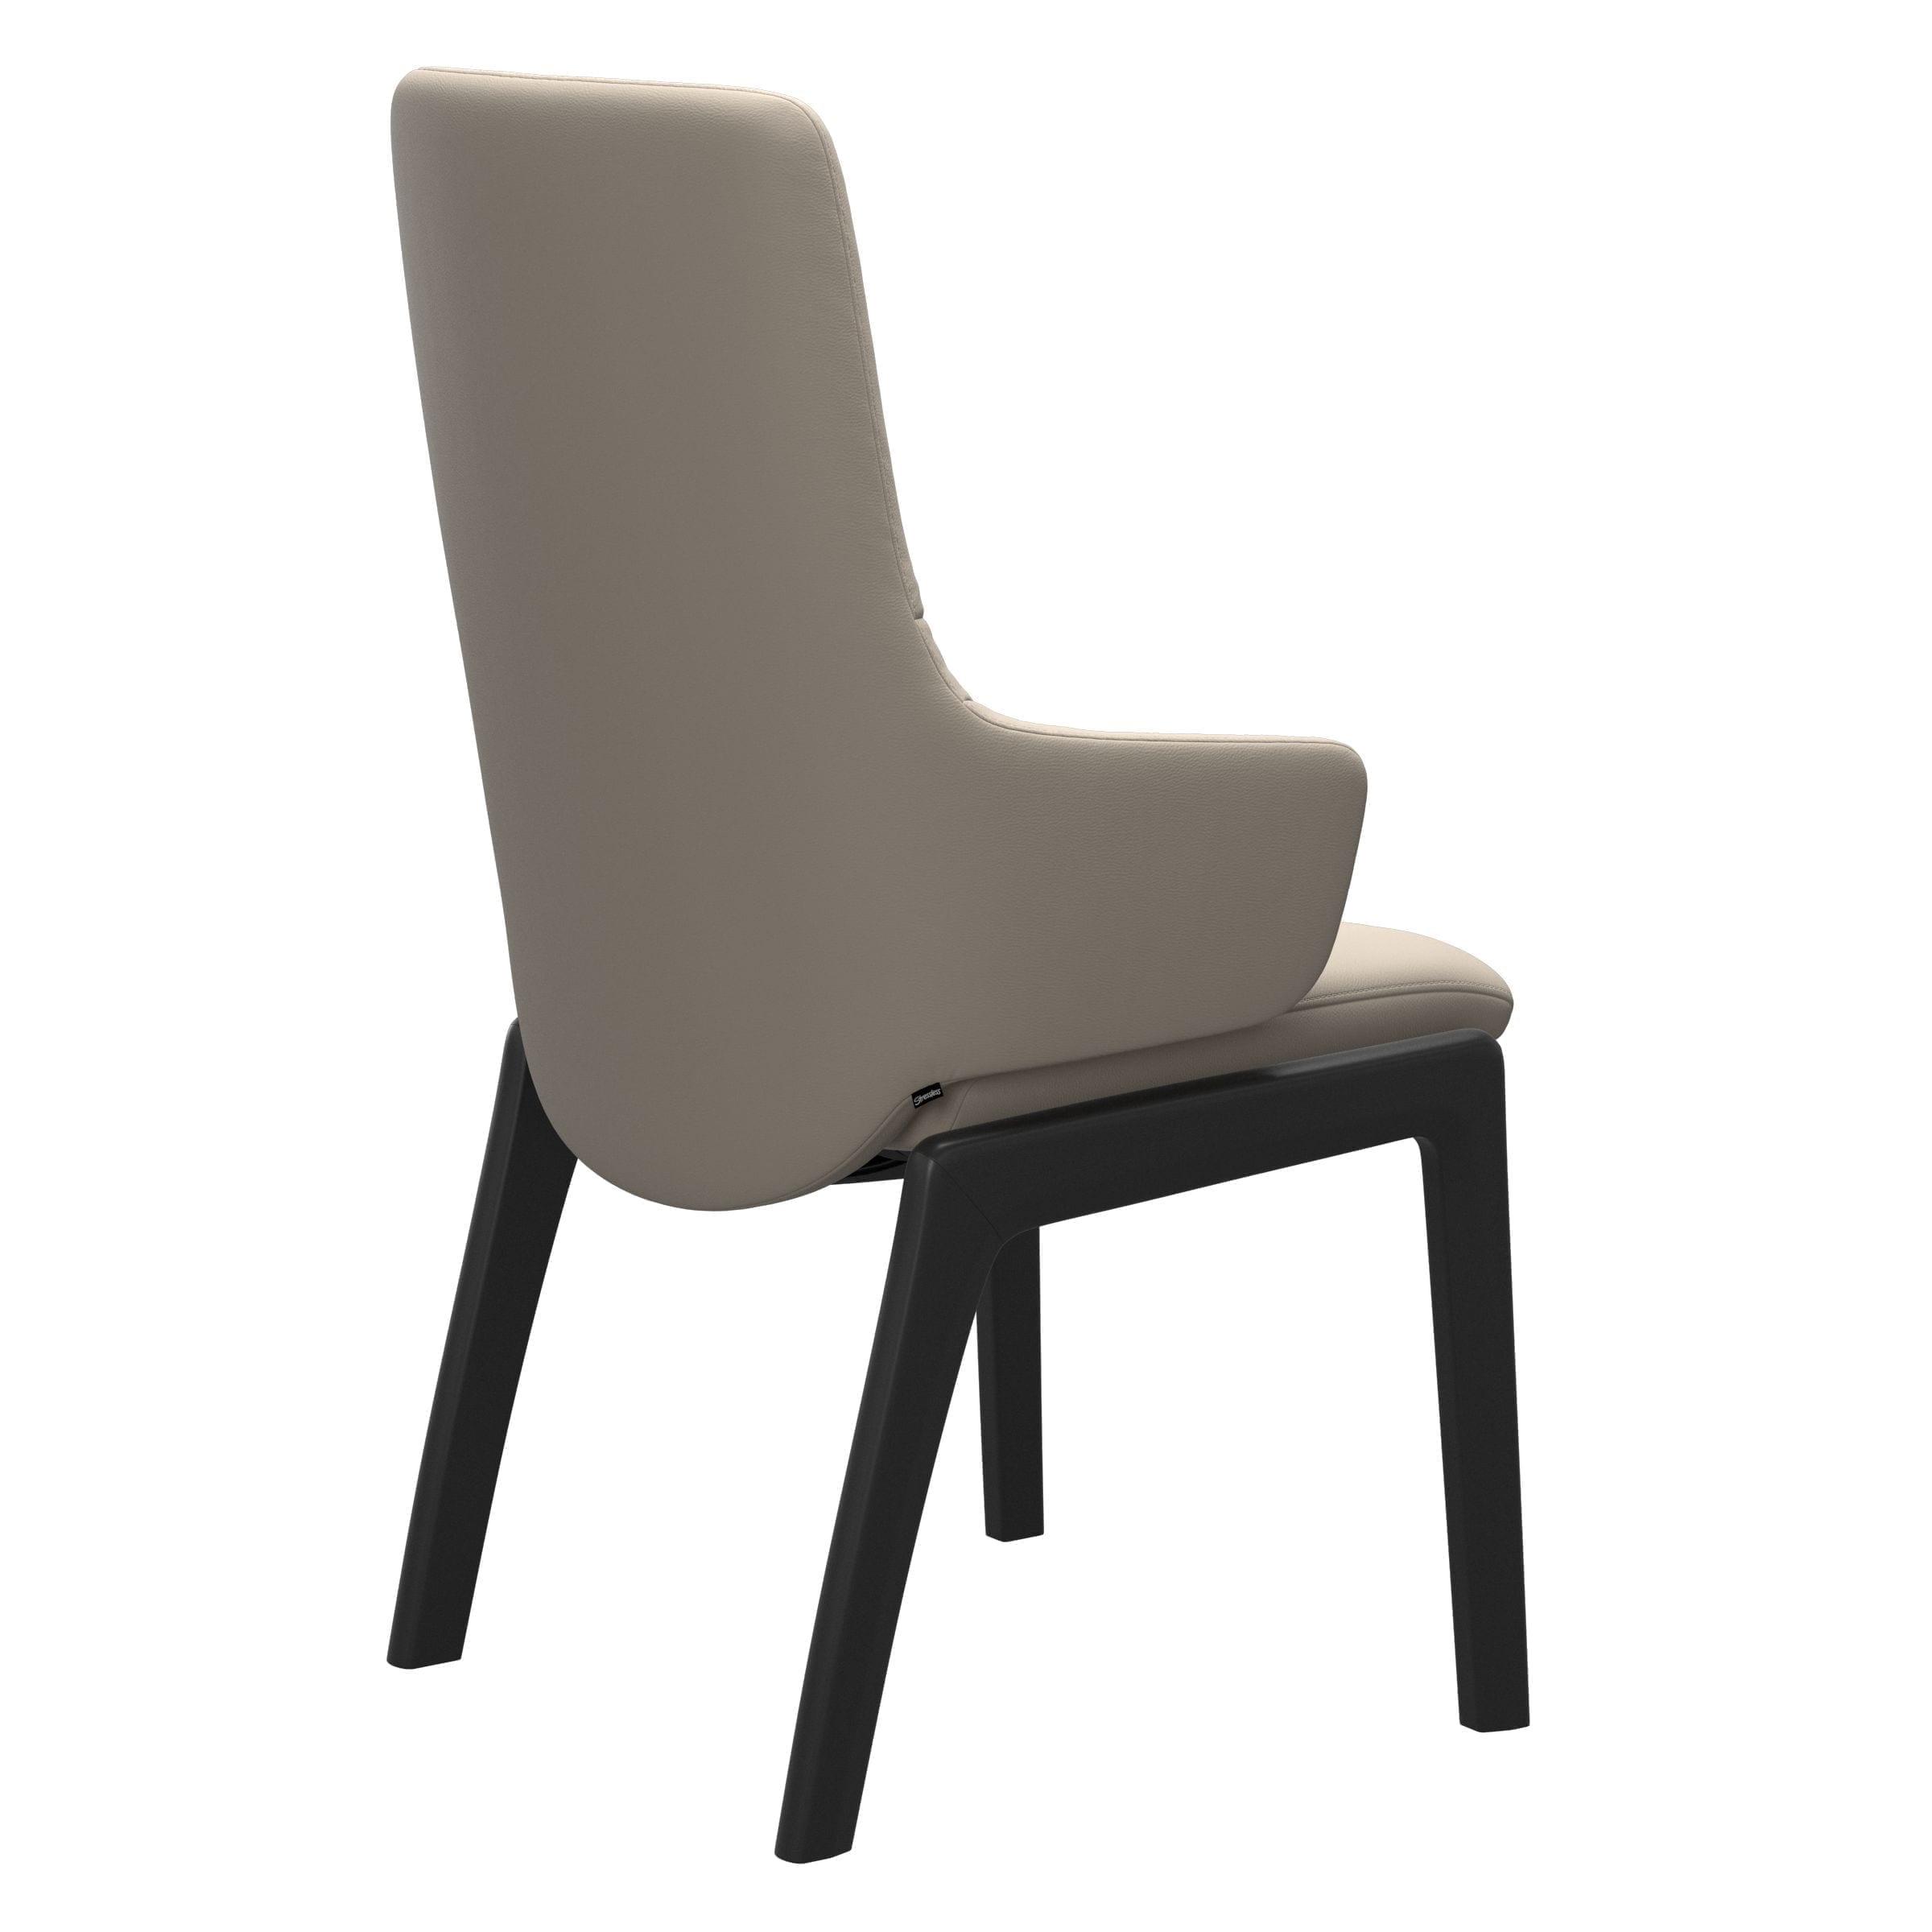 Mint High Back Chair D100 1